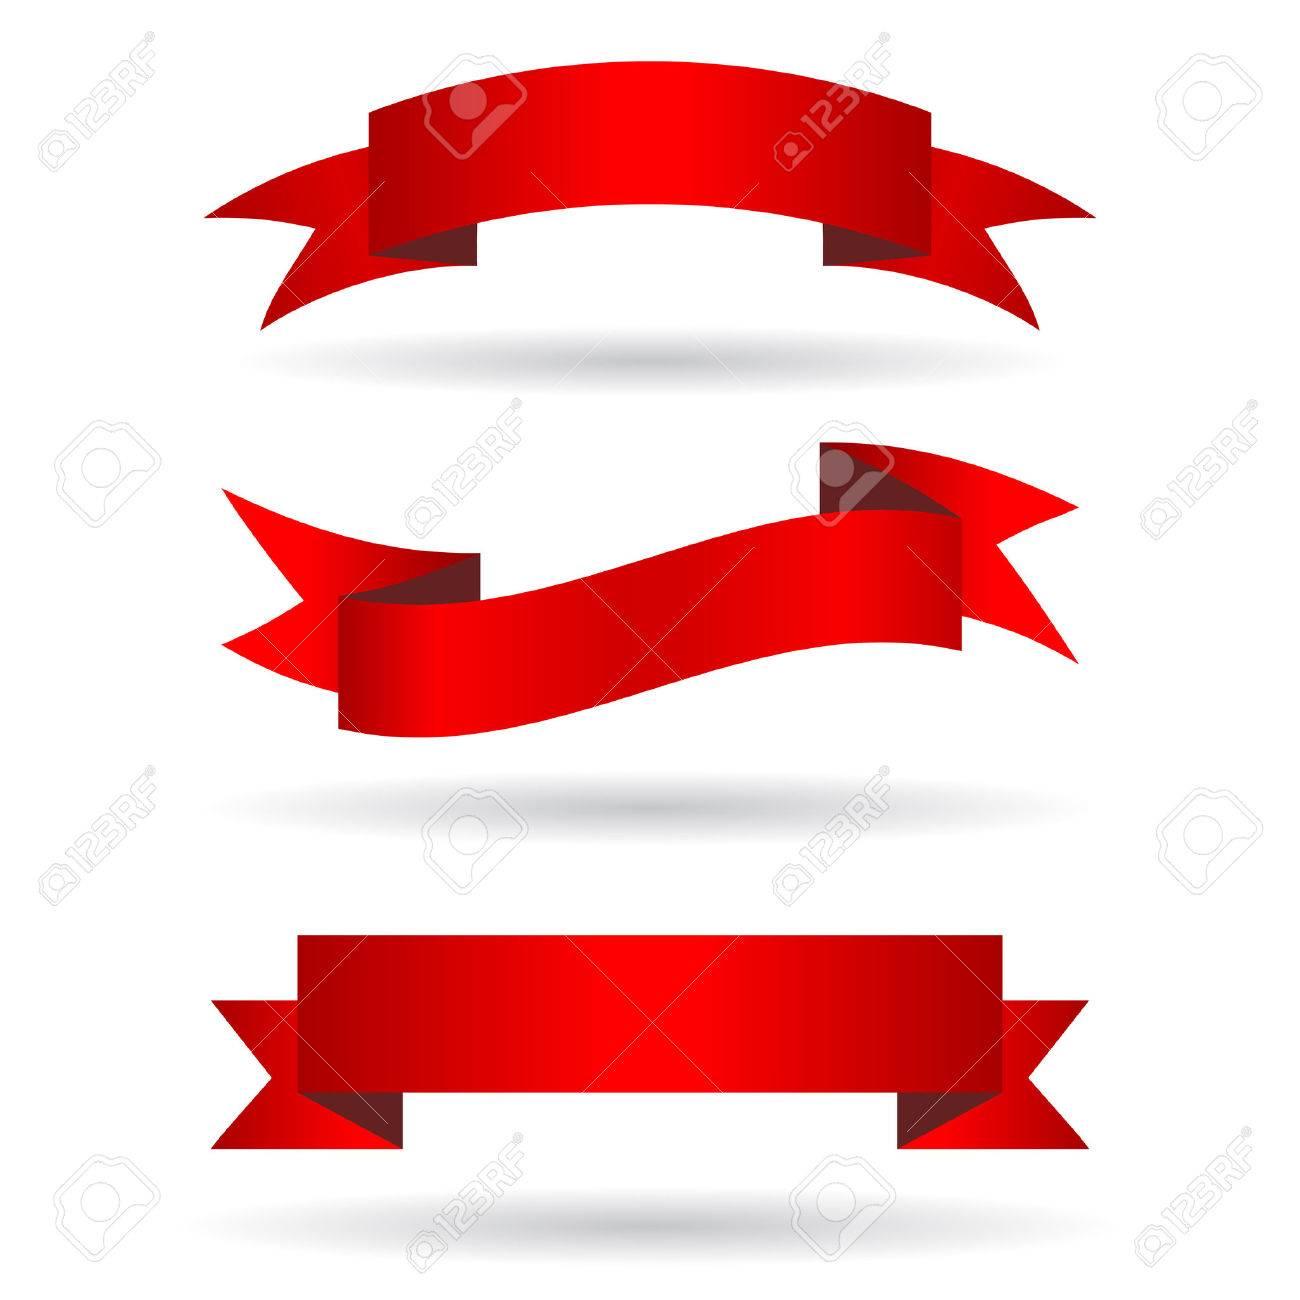 Très Ruban Bannières Clip Art Libres De Droits , Vecteurs Et  FQ23